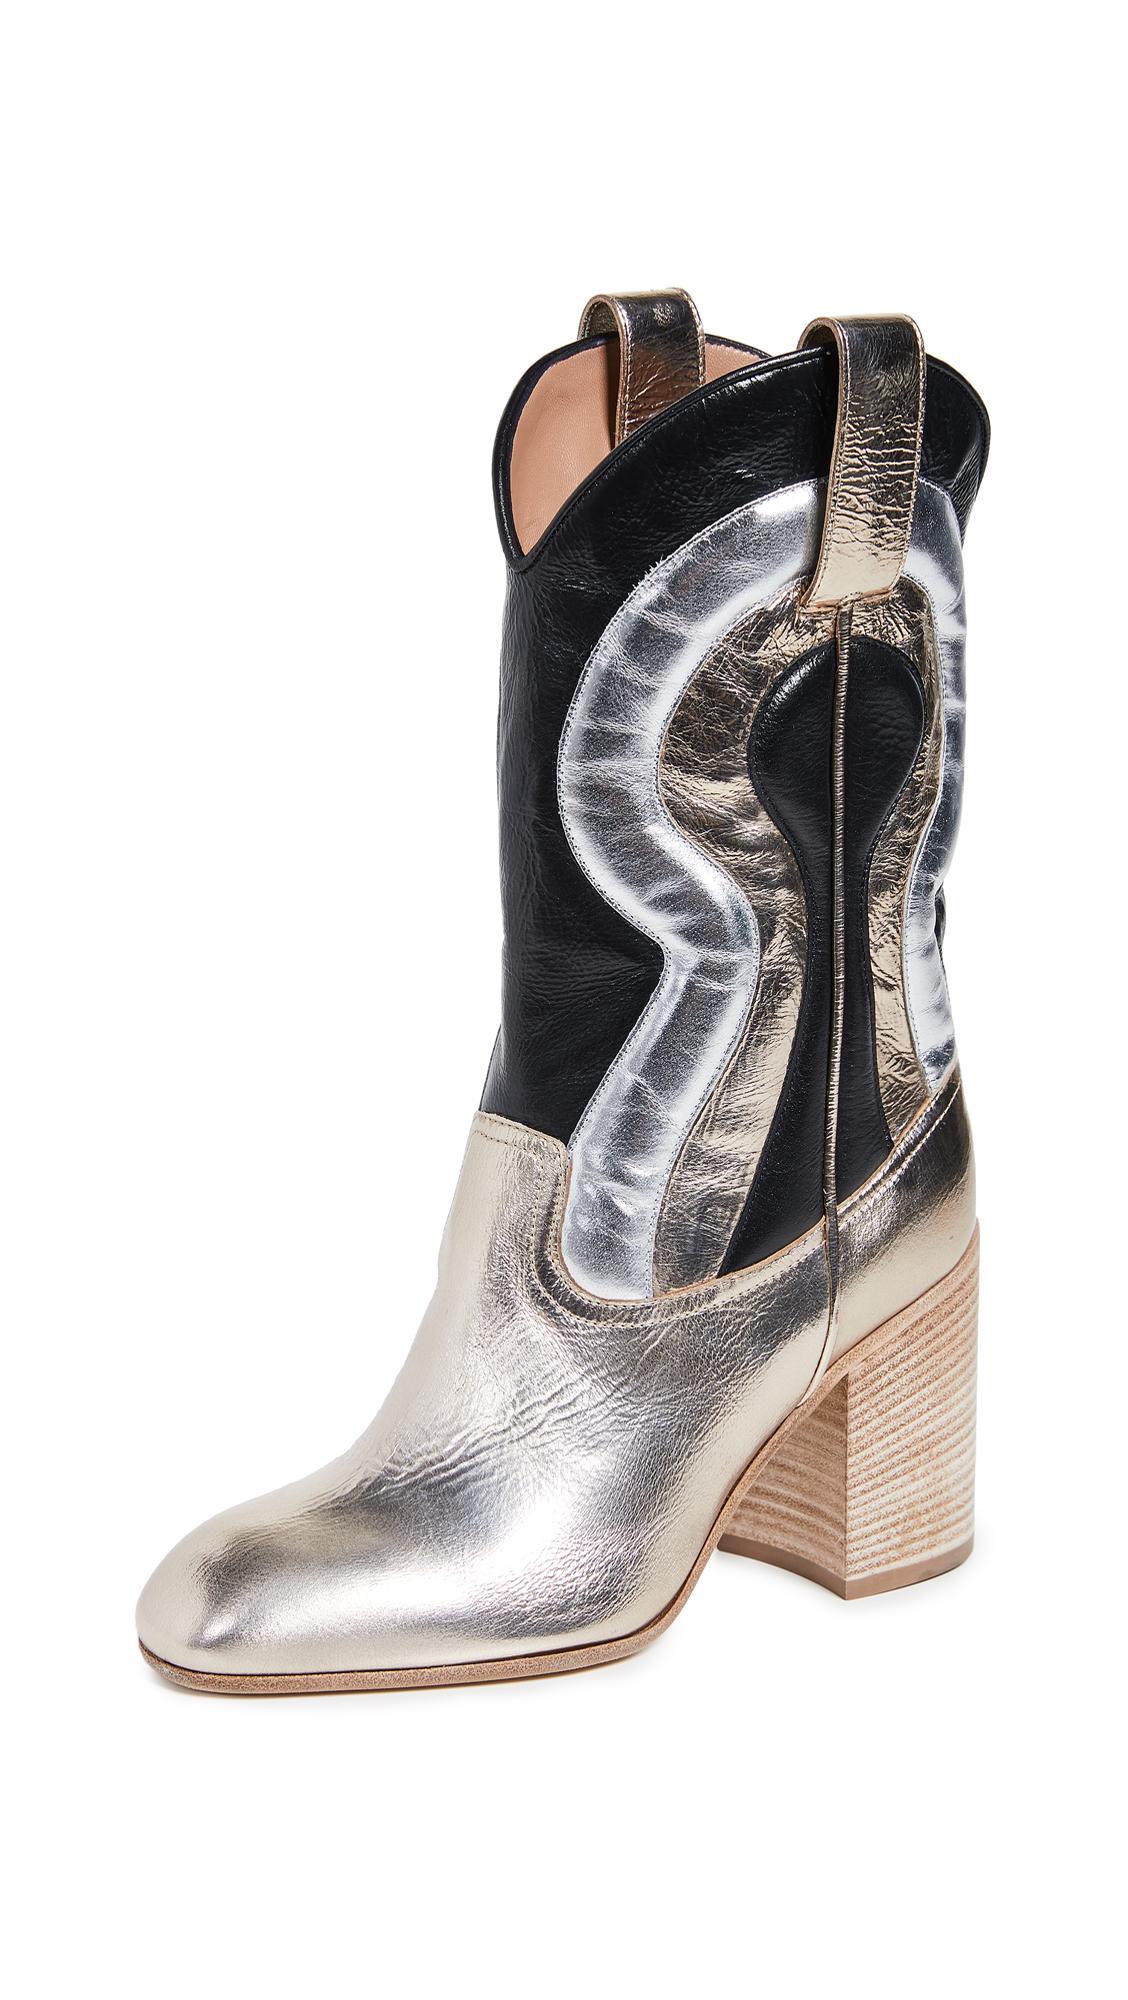 Laurence Dacade Troy Boots - Metallic